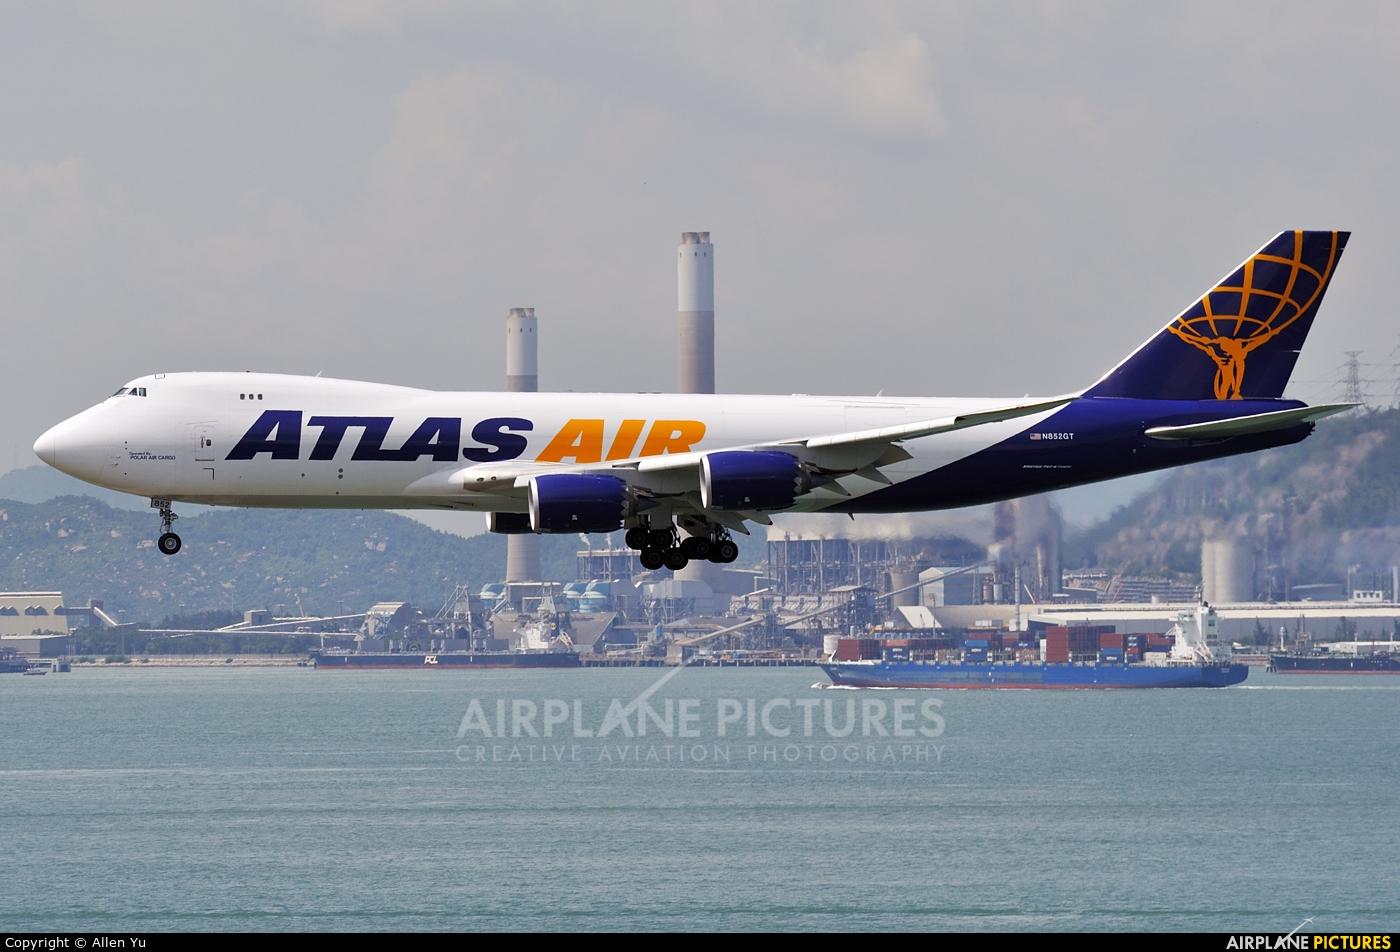 Atlas Air N852GT aircraft at HKG - Chek Lap Kok Intl